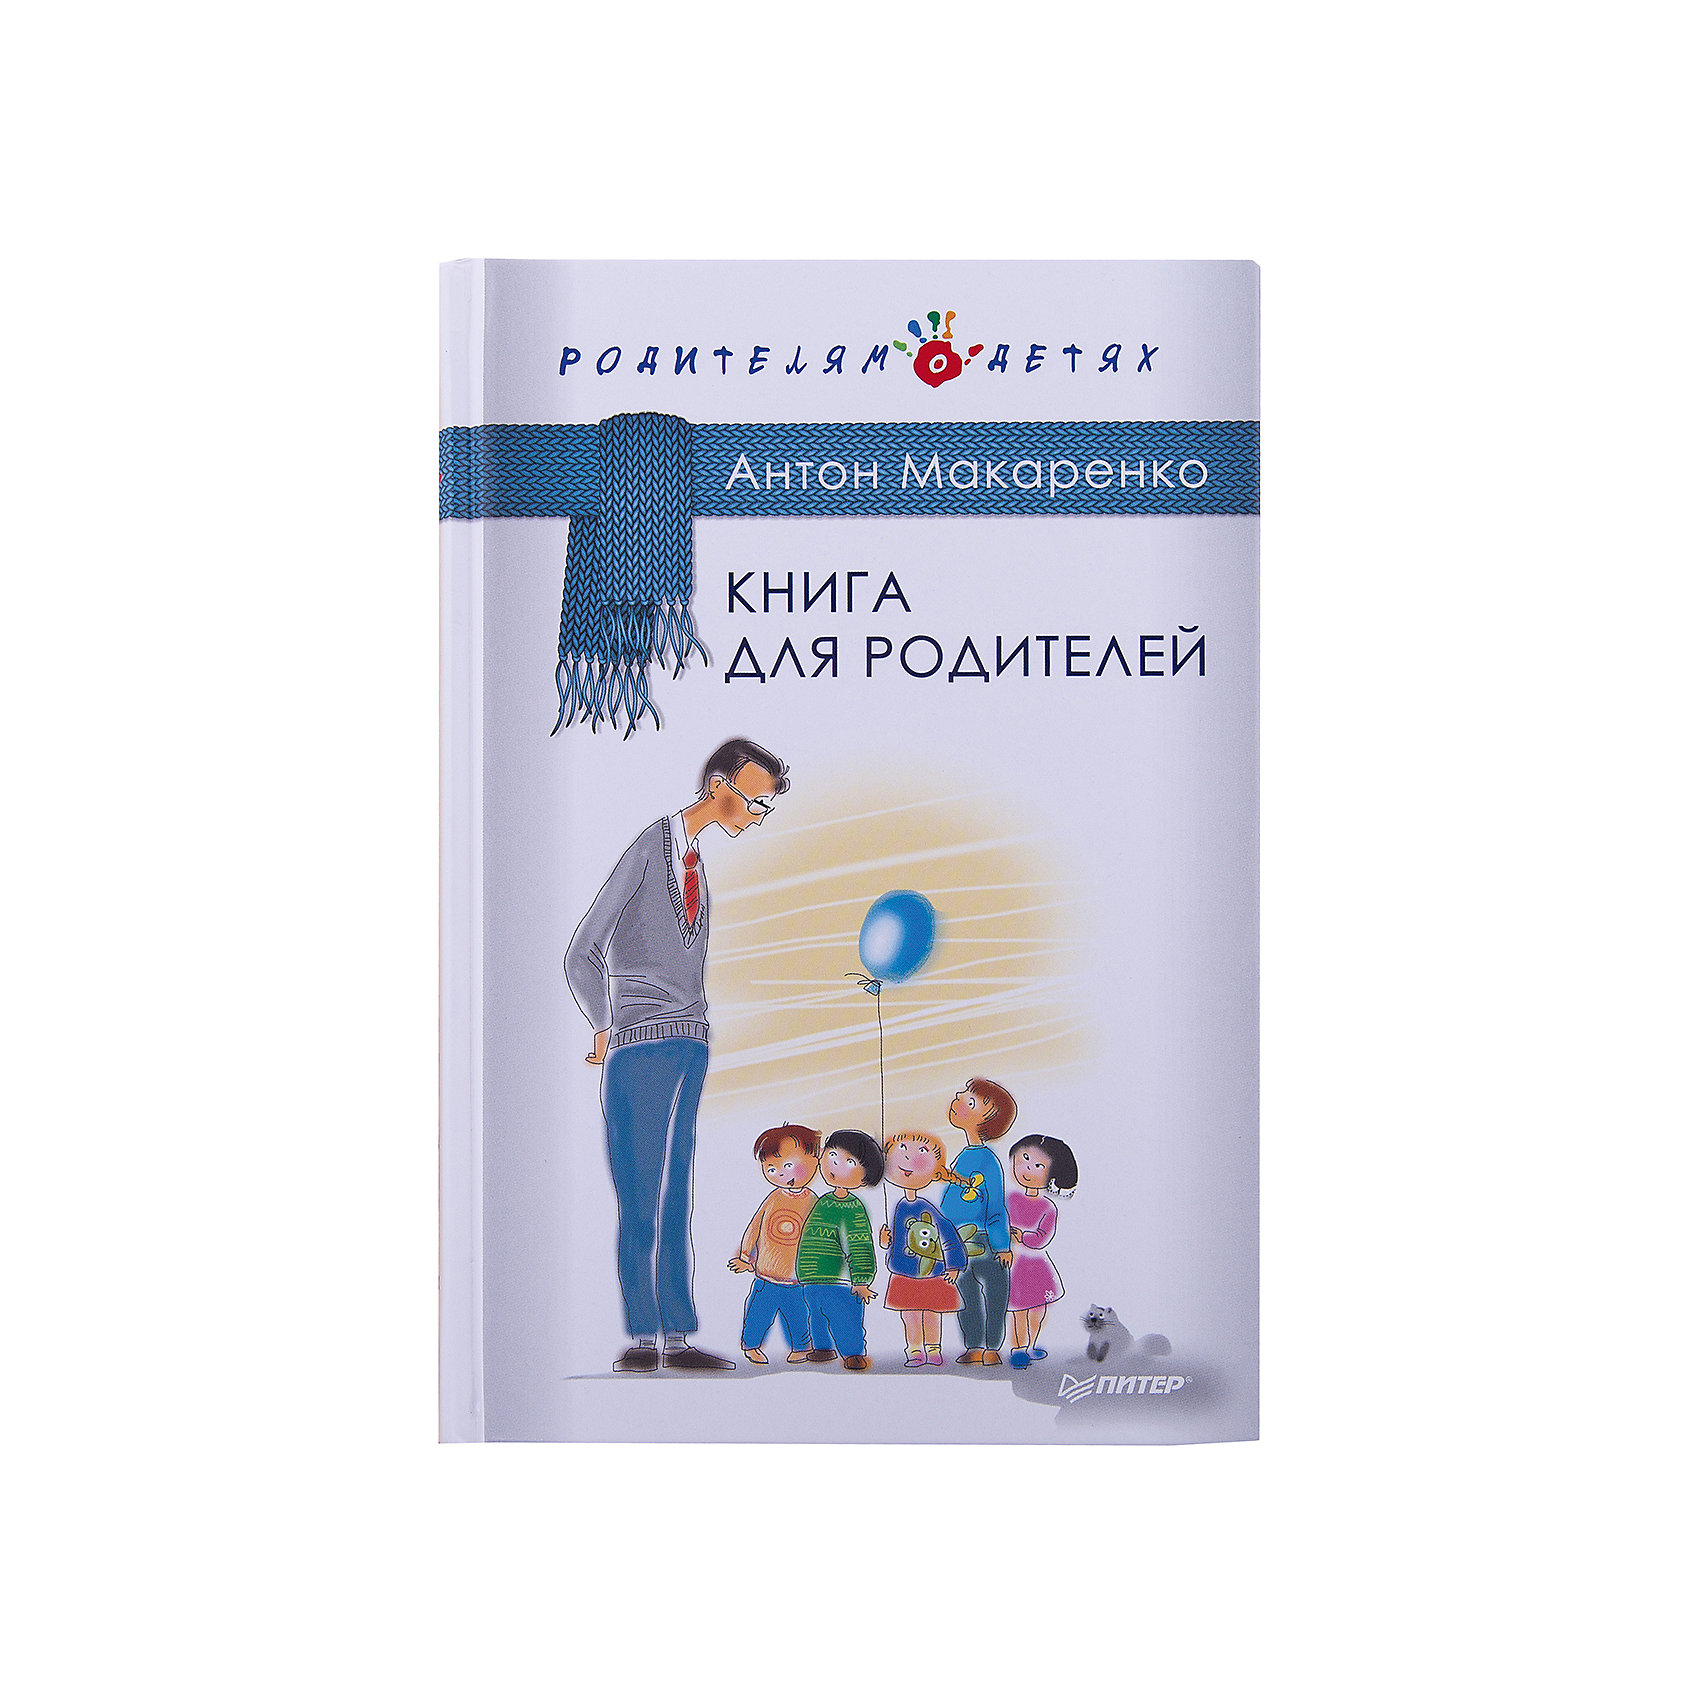 Книга для родителейКниги по педагогике<br>«Книга для родителей» - уникальный литературный экземпляр в семейной психологии. Автор, известный писатель Антон Макаренко, стоит на стороне ребенка в любых спорах и уговаривает родителей посмотреть на проблему с другой стороны. Книга полна практических советов по воспитанию детей, поднимает актуальные острые и спорные вопросы, терзающие современное общество. Интересный язык, острые фразы и наболевшие вопросы не первый год привлекают большое количество покупателей.  Книга станет отличным подарком для молодых родителей и всех, кому небезразлично правильное воспитание чада.<br><br>Дополнительная информация:<br><br>страниц: 288;<br>формат: 145 х 215 мм.<br><br>Сборник «Книга для родителей»  можно приобрести в нашем магазине.<br><br>Ширина мм: 213<br>Глубина мм: 147<br>Высота мм: 17<br>Вес г: 391<br>Возраст от месяцев: -2147483648<br>Возраст до месяцев: 2147483647<br>Пол: Унисекс<br>Возраст: Детский<br>SKU: 4966232